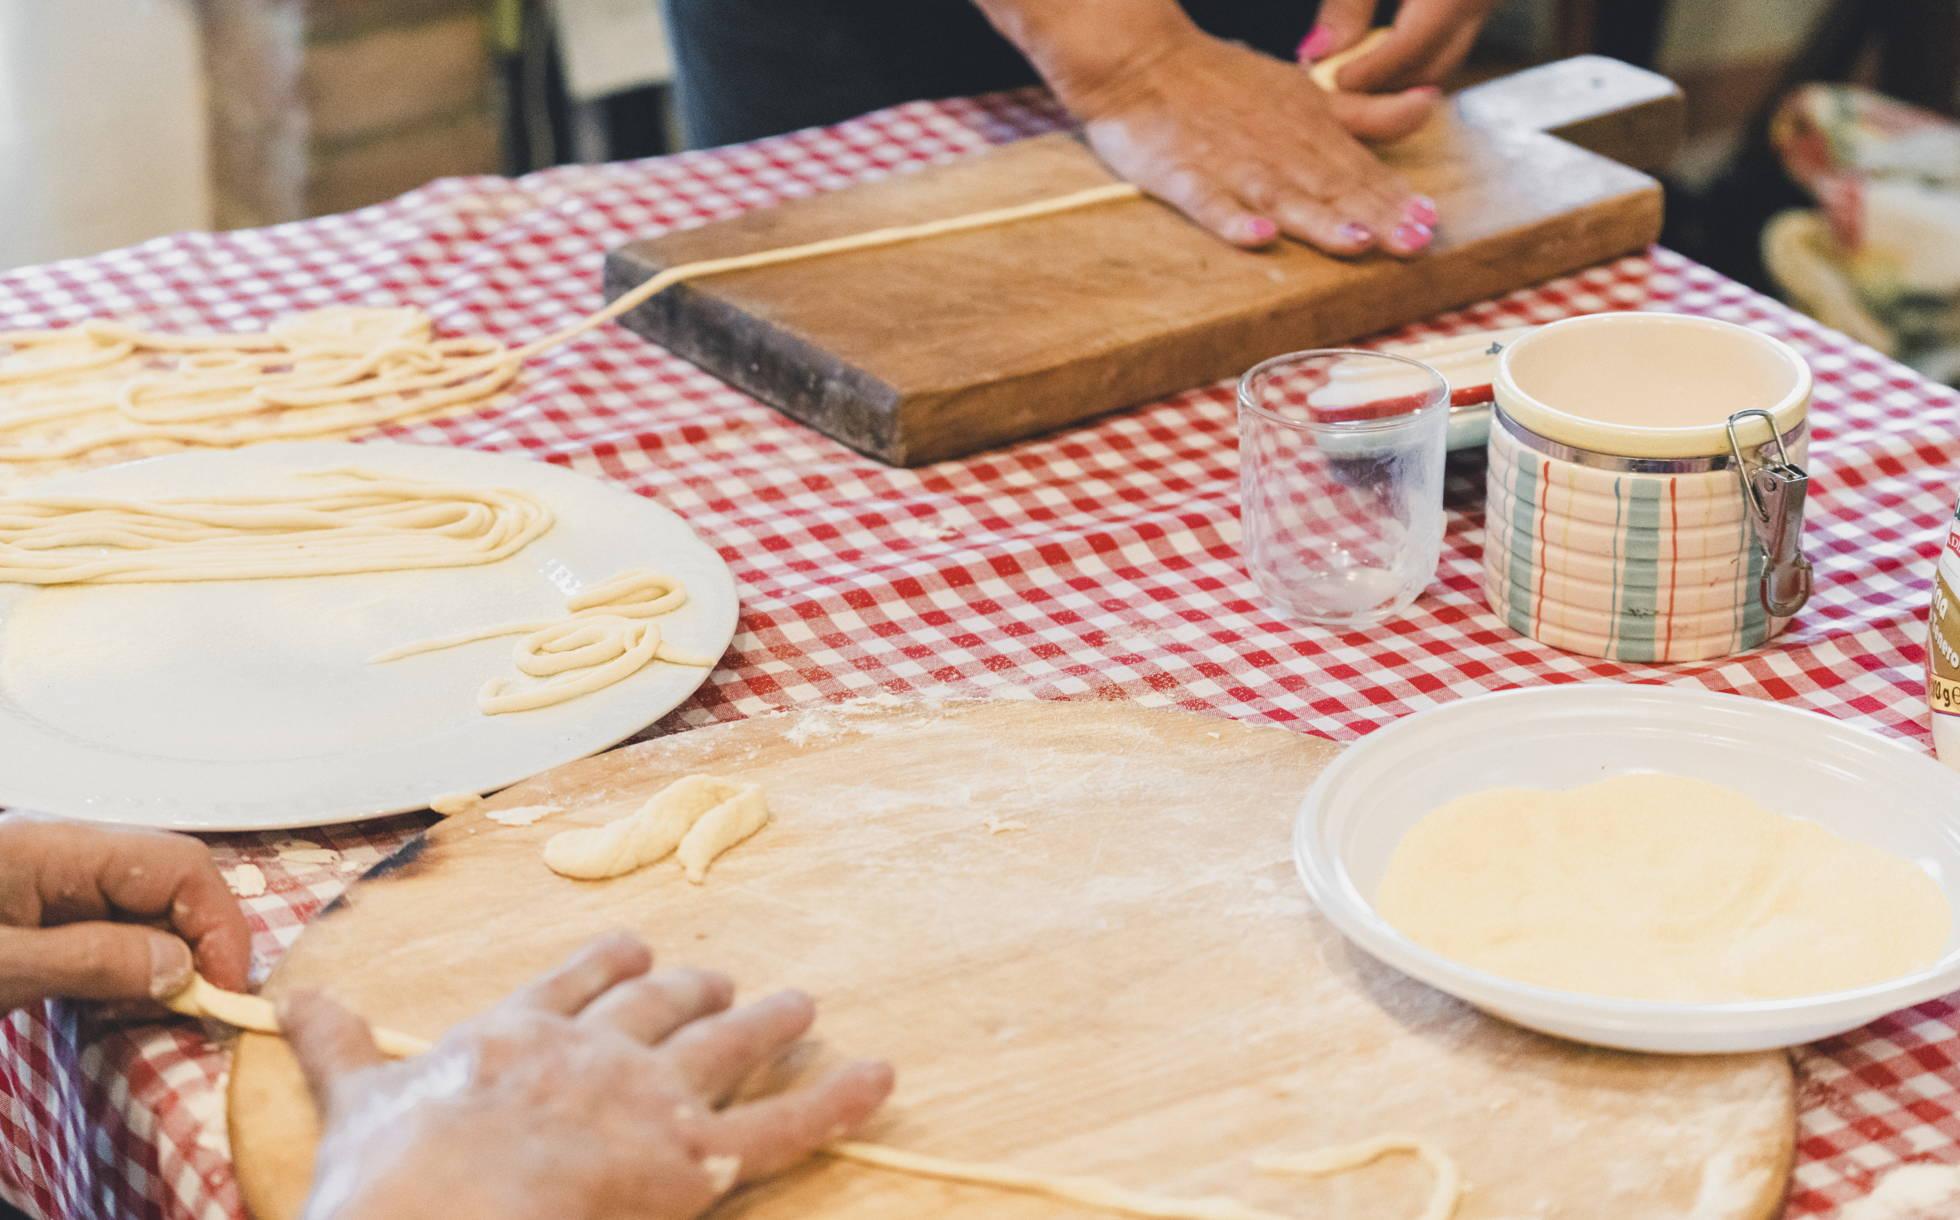 Cucina come le nonne toscane corso di cucina toscana - Corso cucina firenze ...